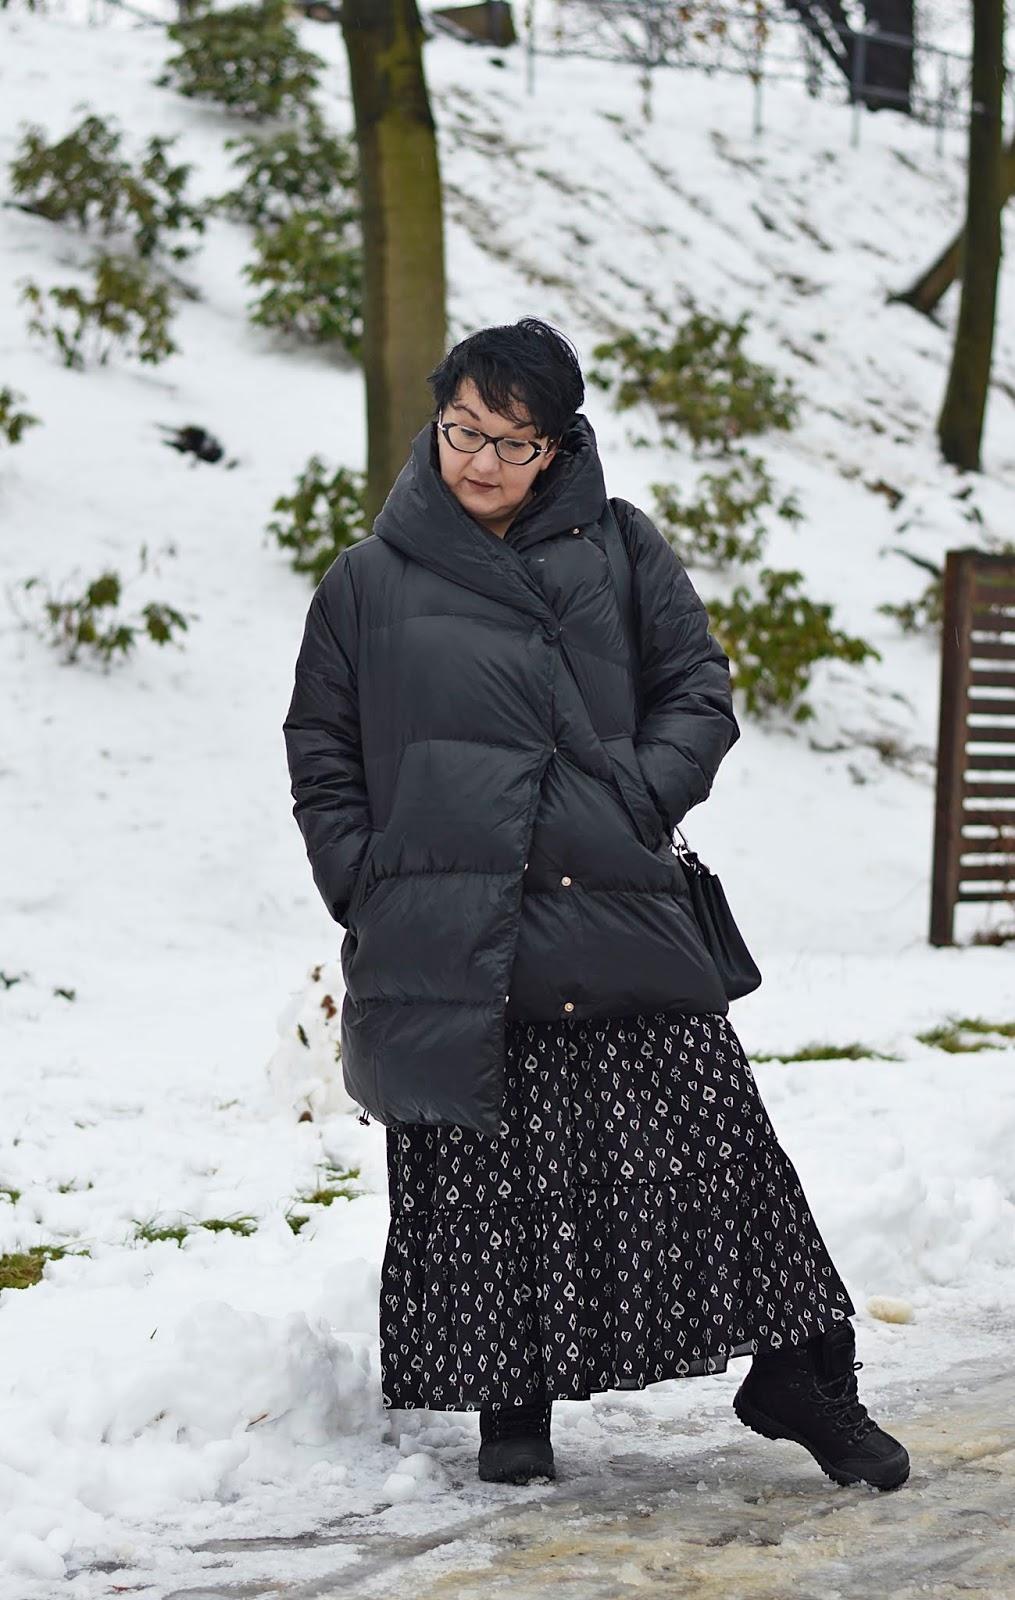 Zara maxi dress, sukienka zara